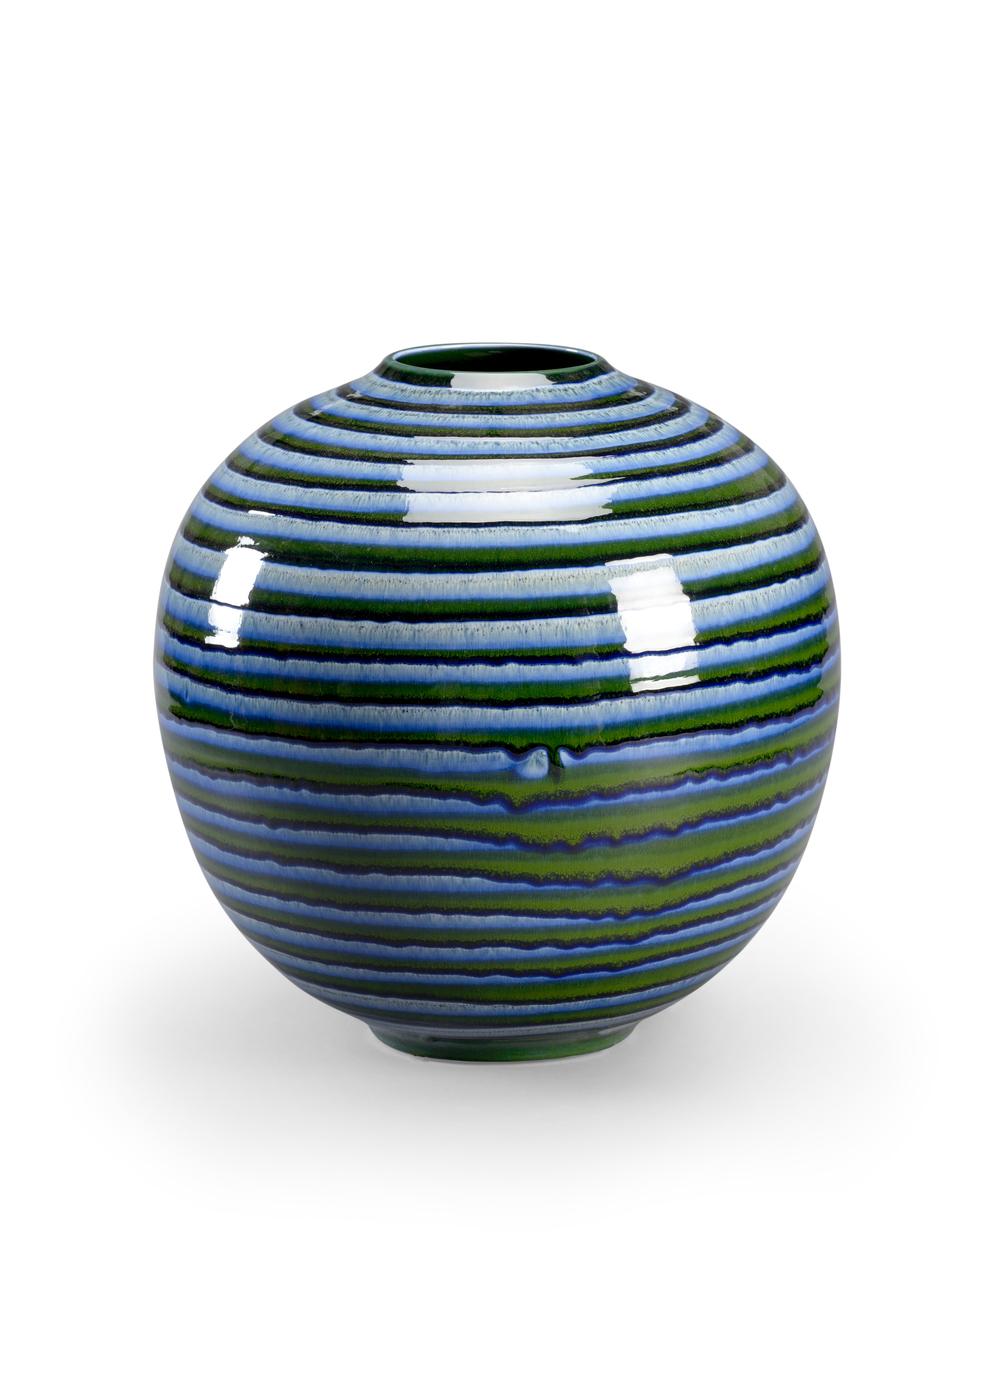 Chelsea House - Swirl Vase